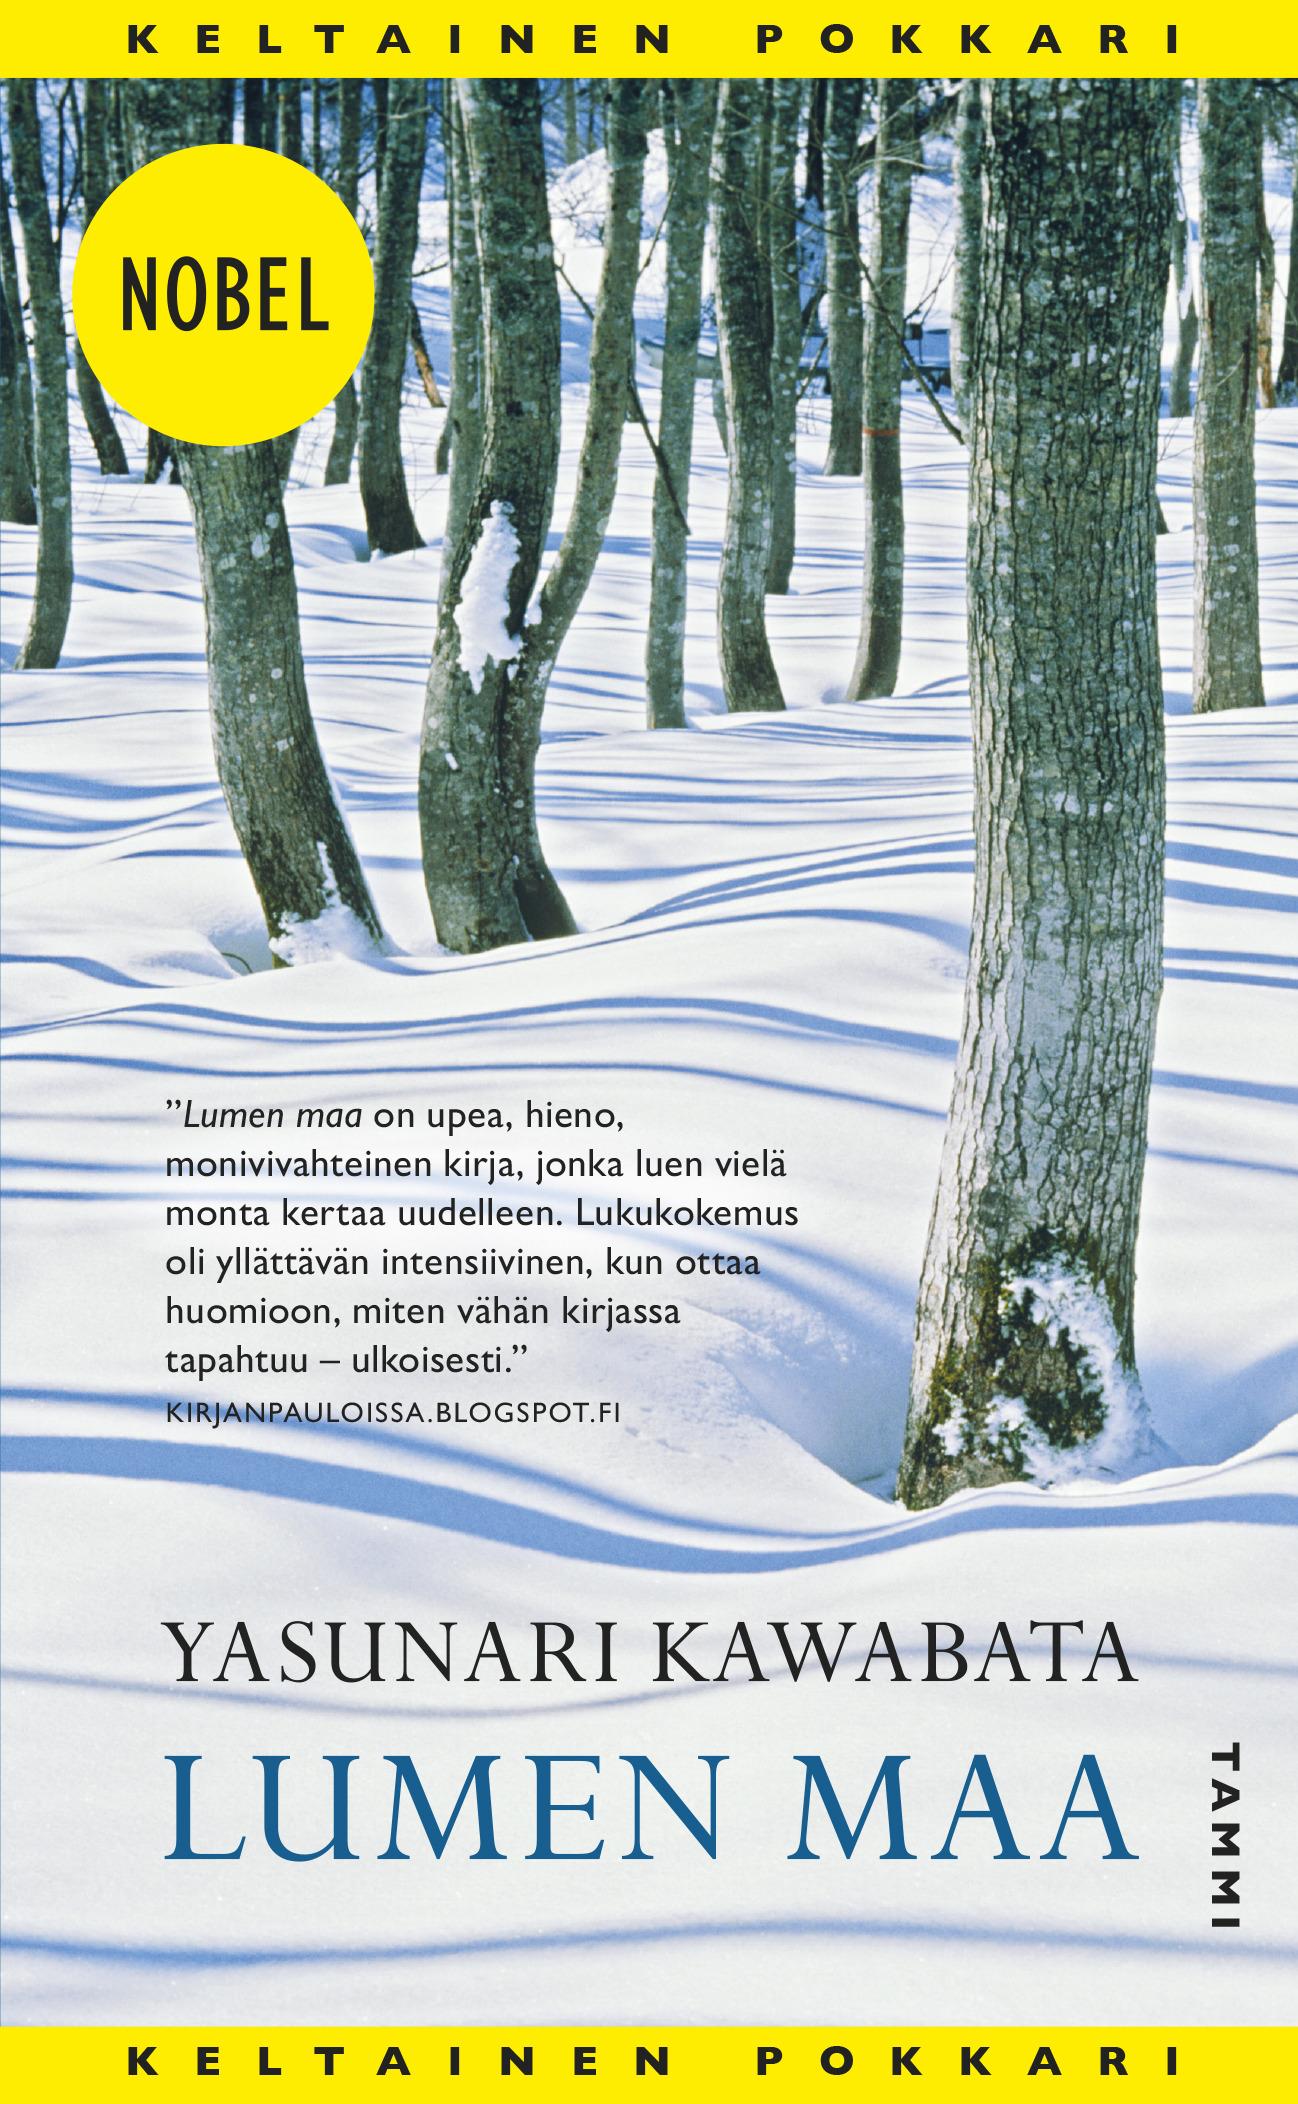 9789513195311 - Kansikuva